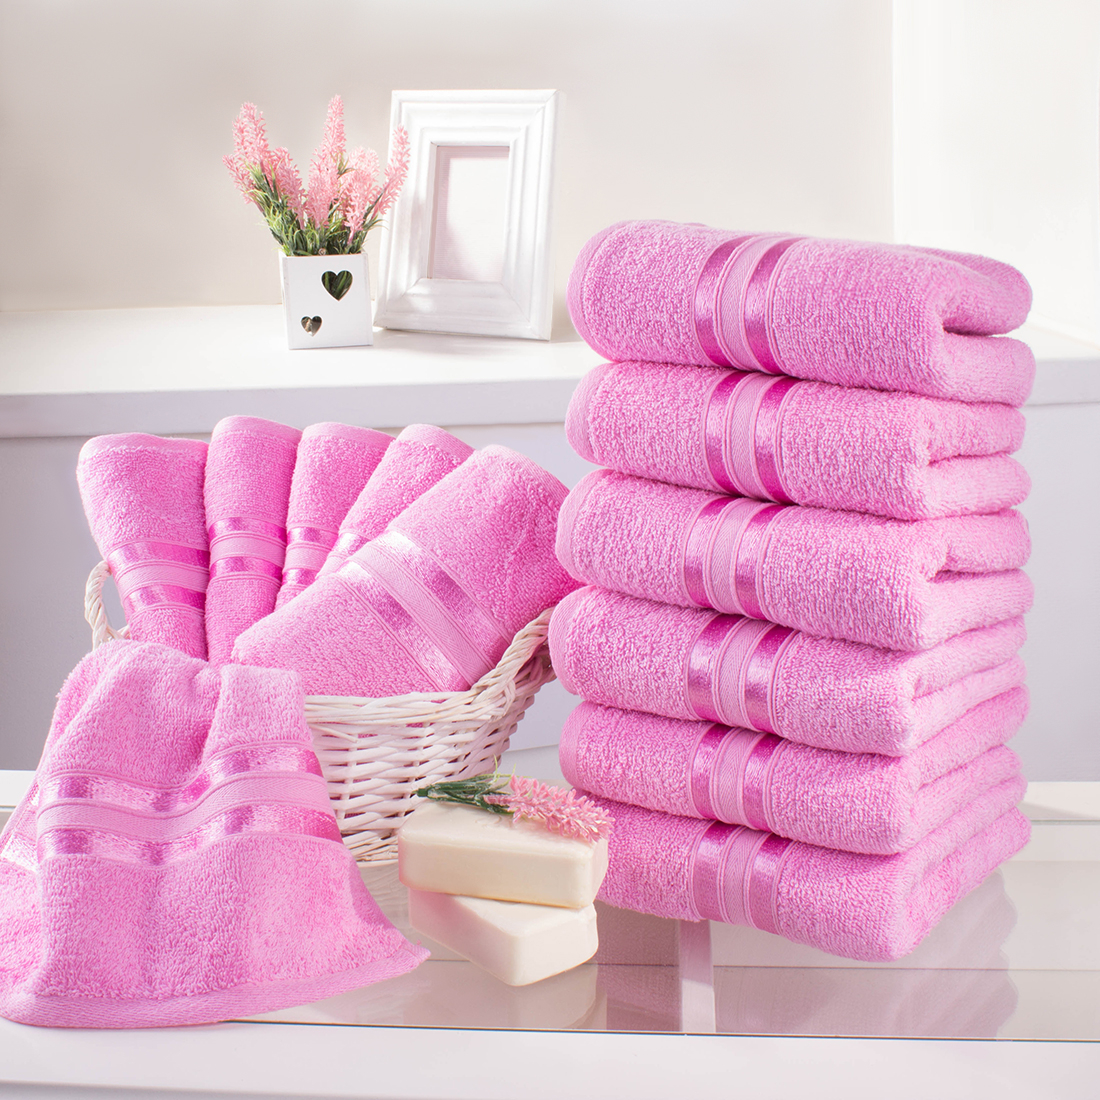 Полотенца Dome, Полотенце для рук Harmonika Цвет: Розовая Вишня (33х50 см - 12 шт), Дания, Махра  - Купить